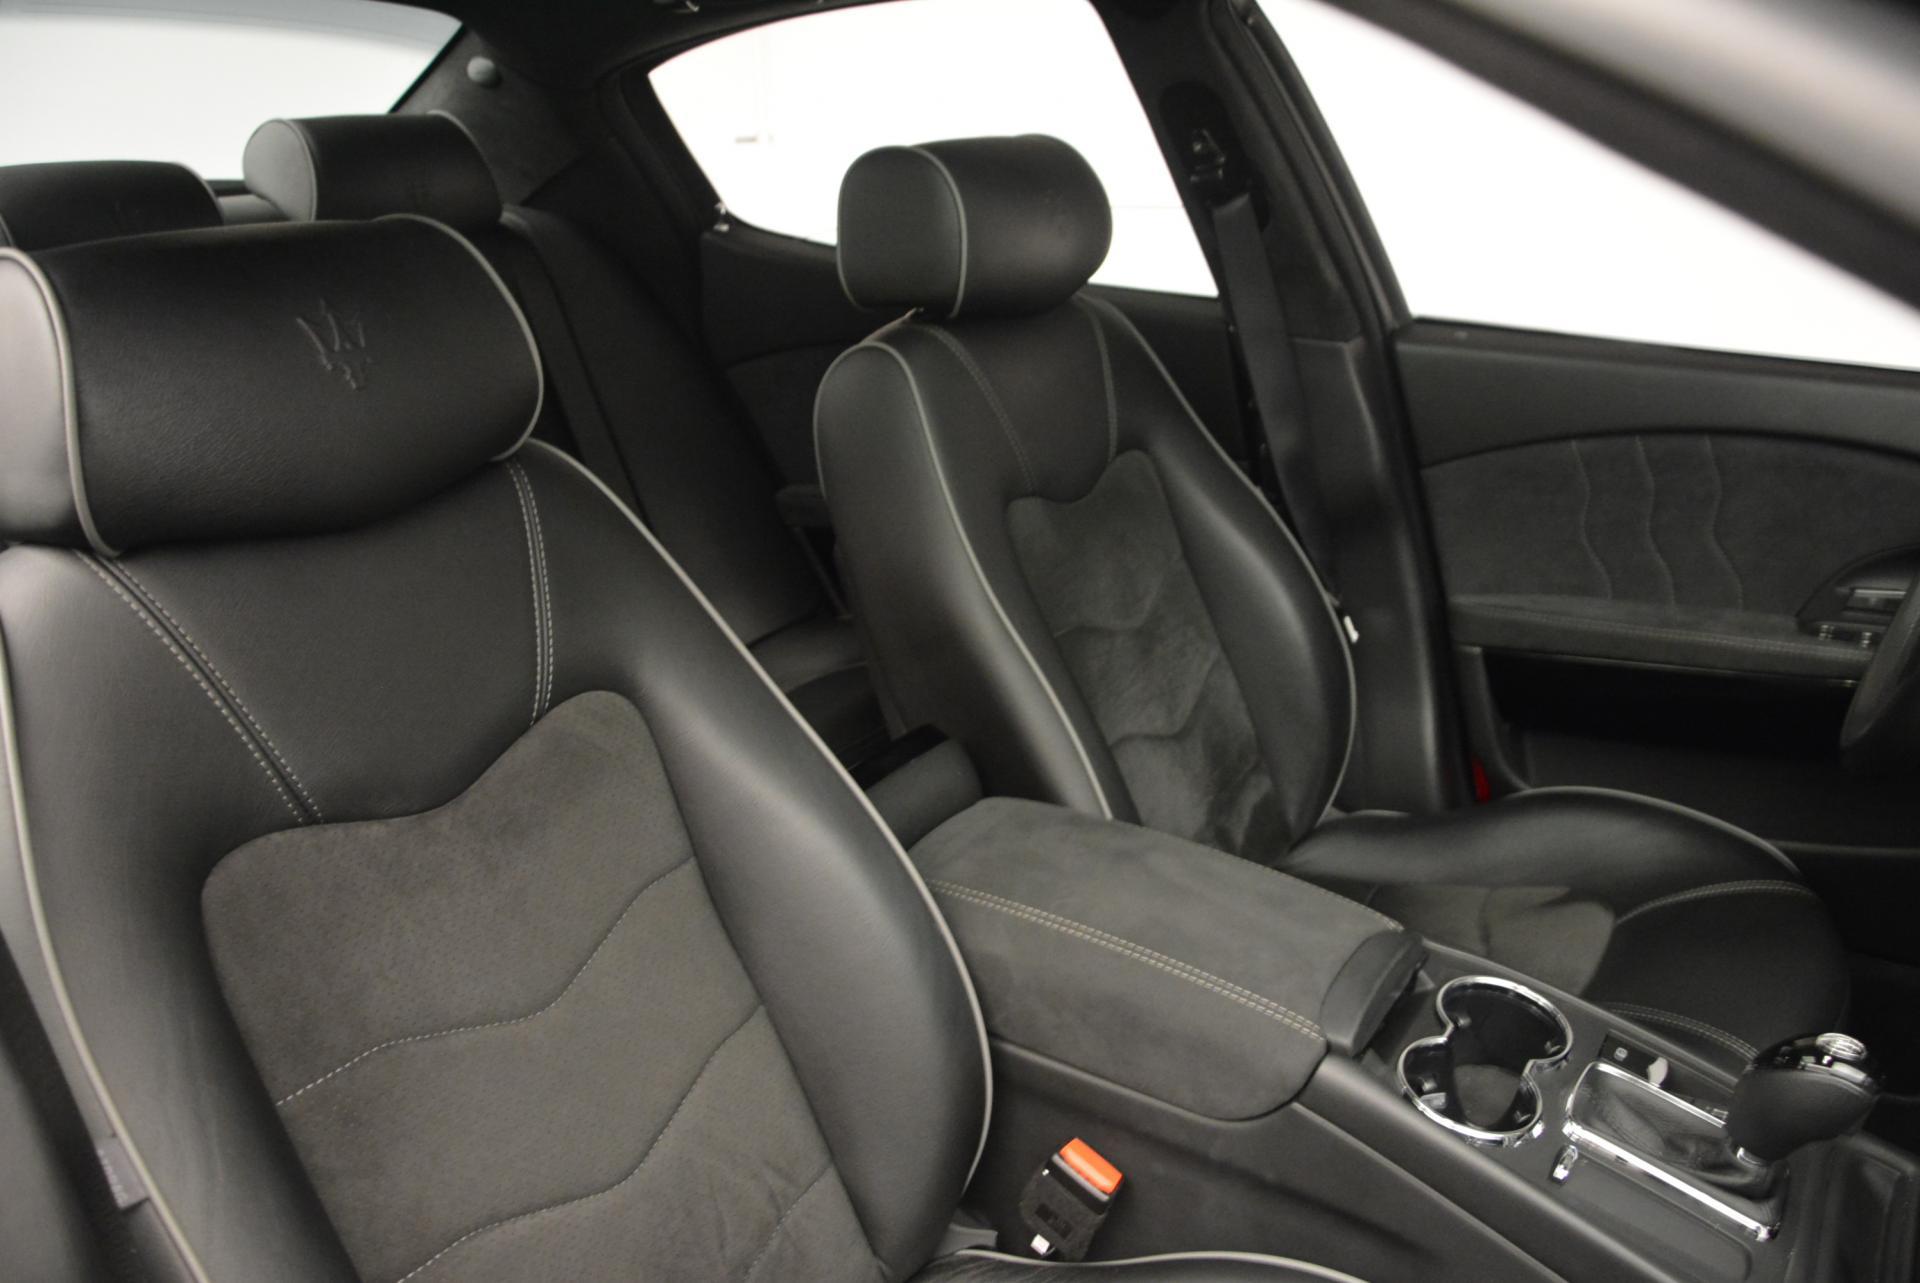 Used 2011 Maserati Quattroporte Sport GT S For Sale In Greenwich, CT 531_p24